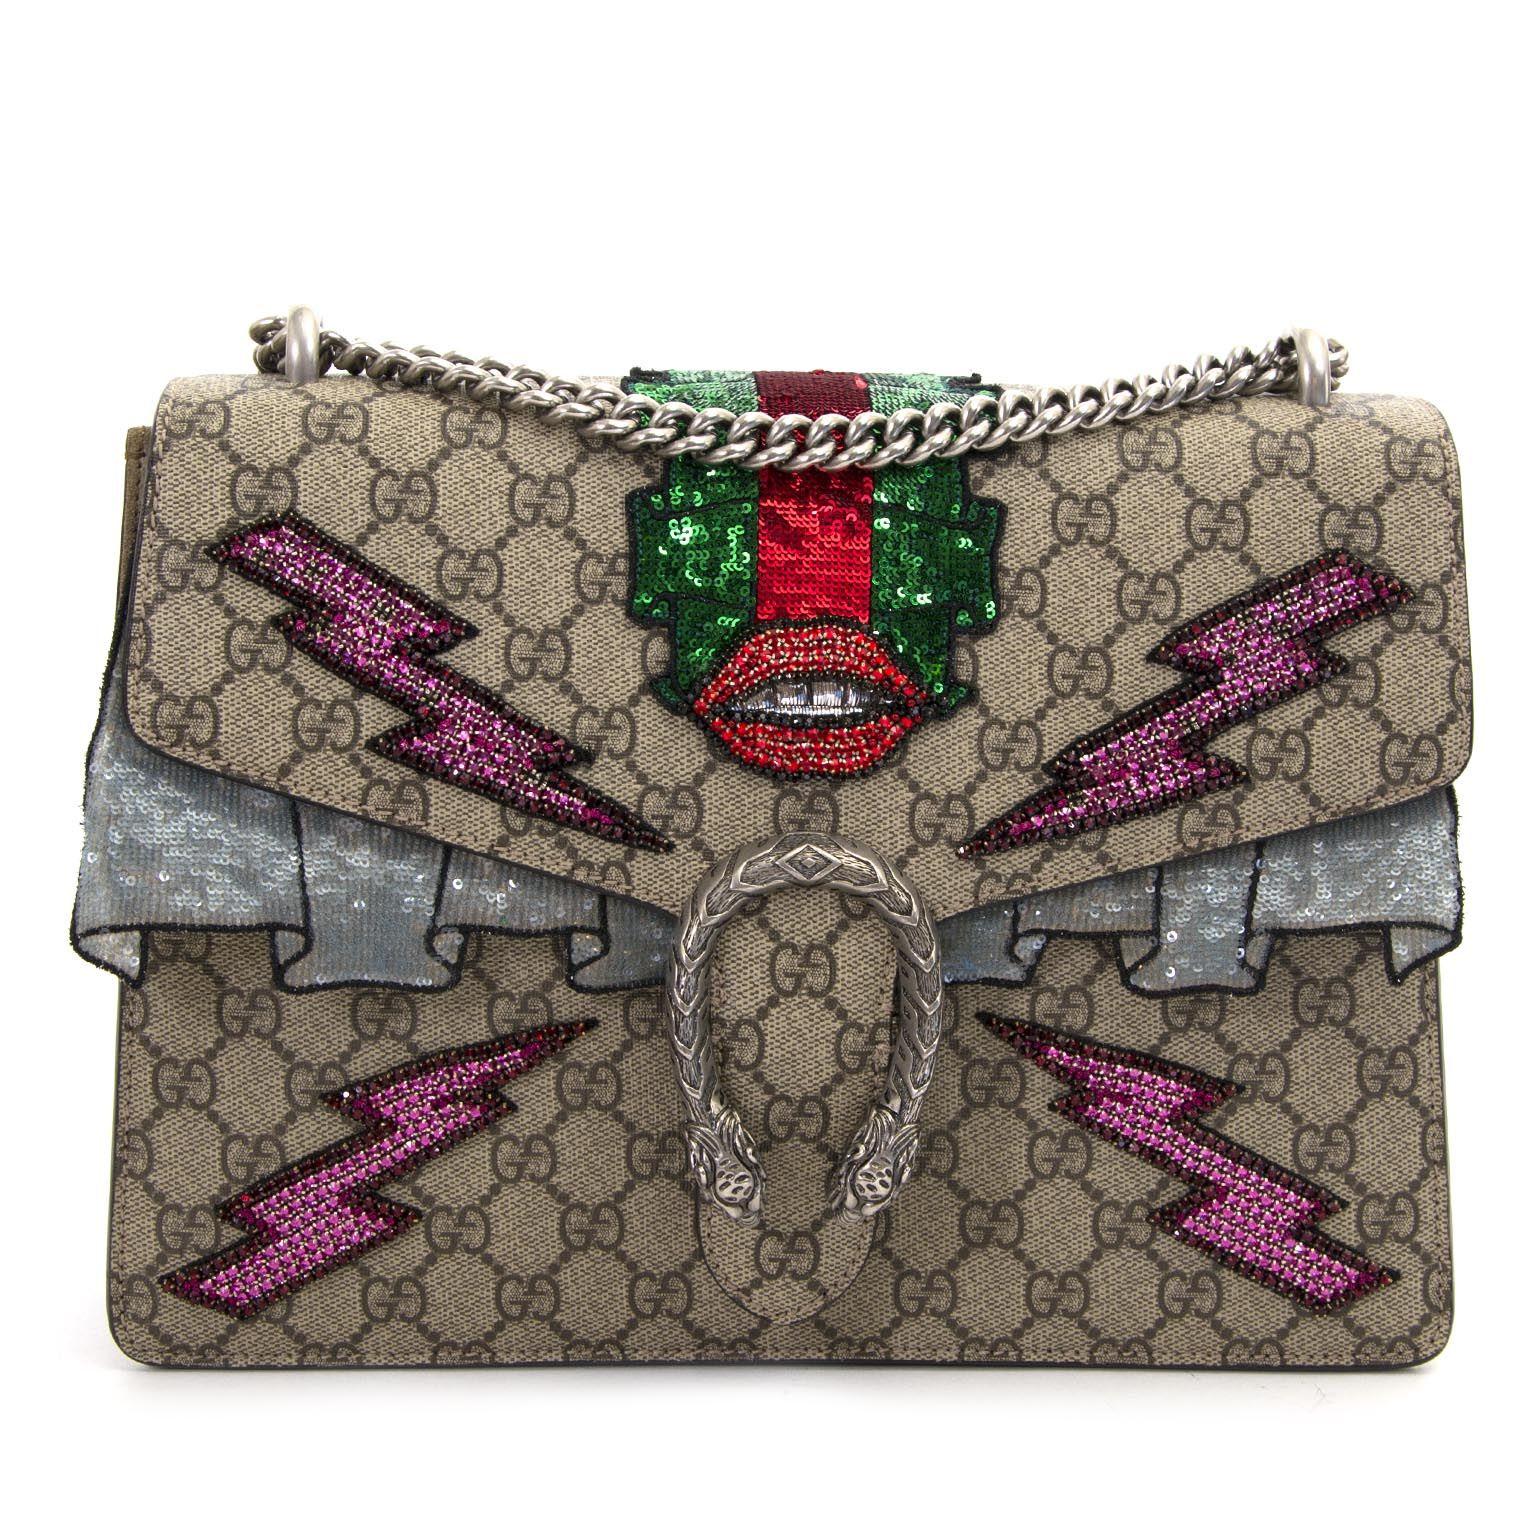 27895700d1e9 Gucci Dionysus | Shop Labellov in 2019 | Bags, Shoulder Bag, Gucci